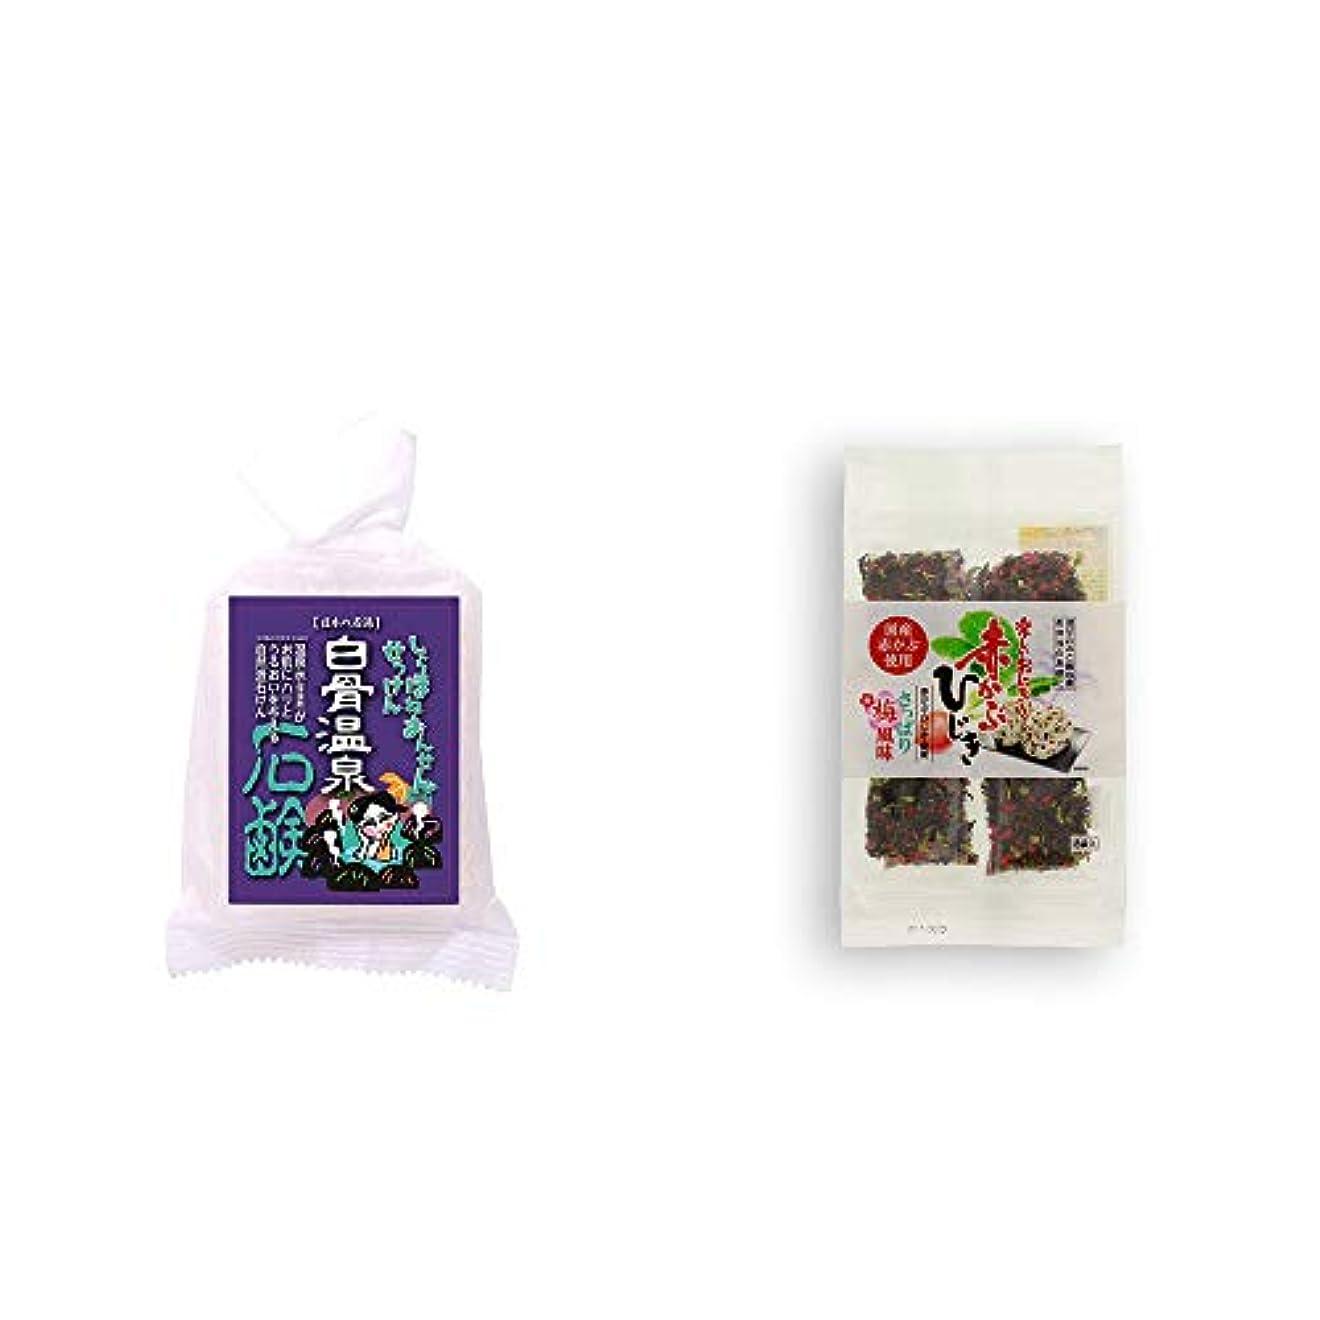 くさび自慢暗黙[2点セット] 信州 白骨温泉石鹸(80g)?楽しいおにぎり 赤かぶひじき(8g×8袋)